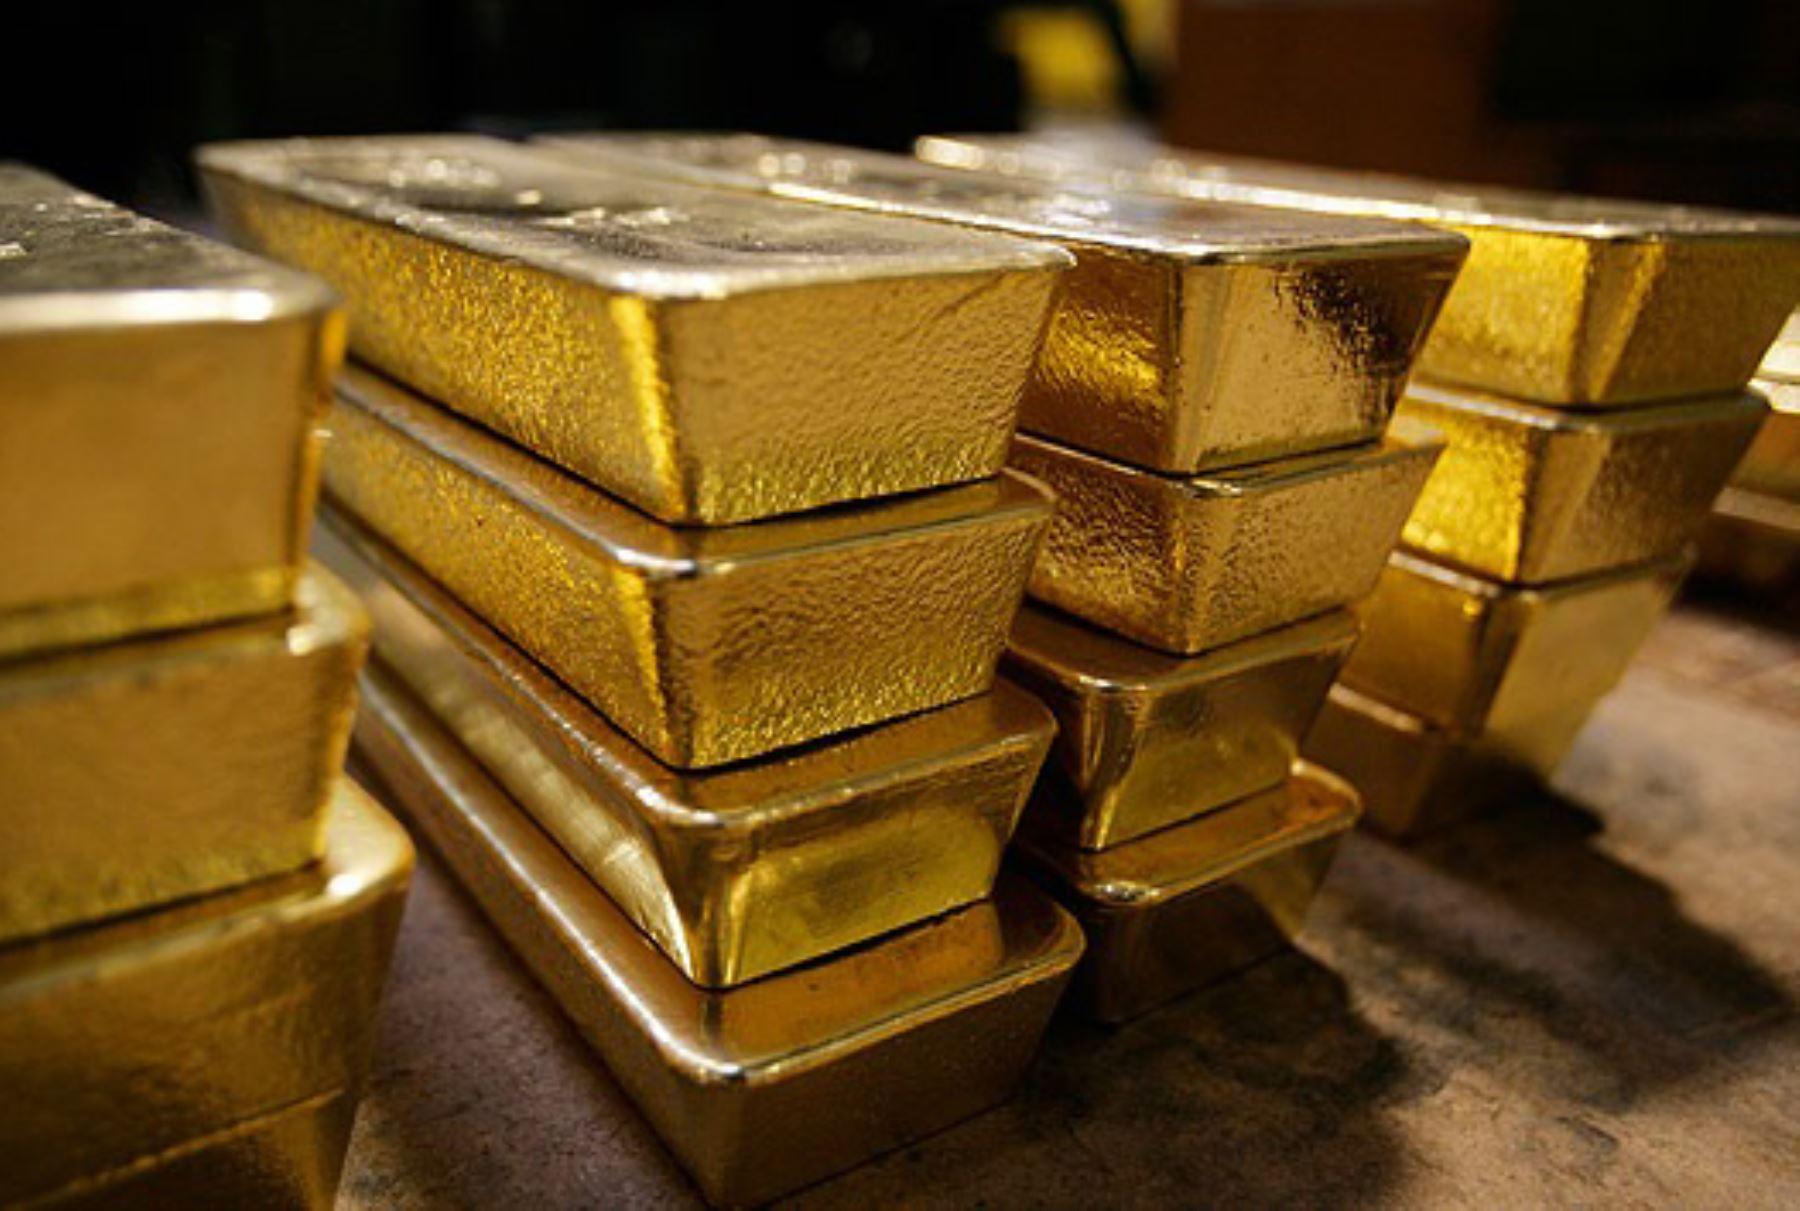 2.1 toneladas de oro salieron de Venezuela hacia Emiratos Árabes